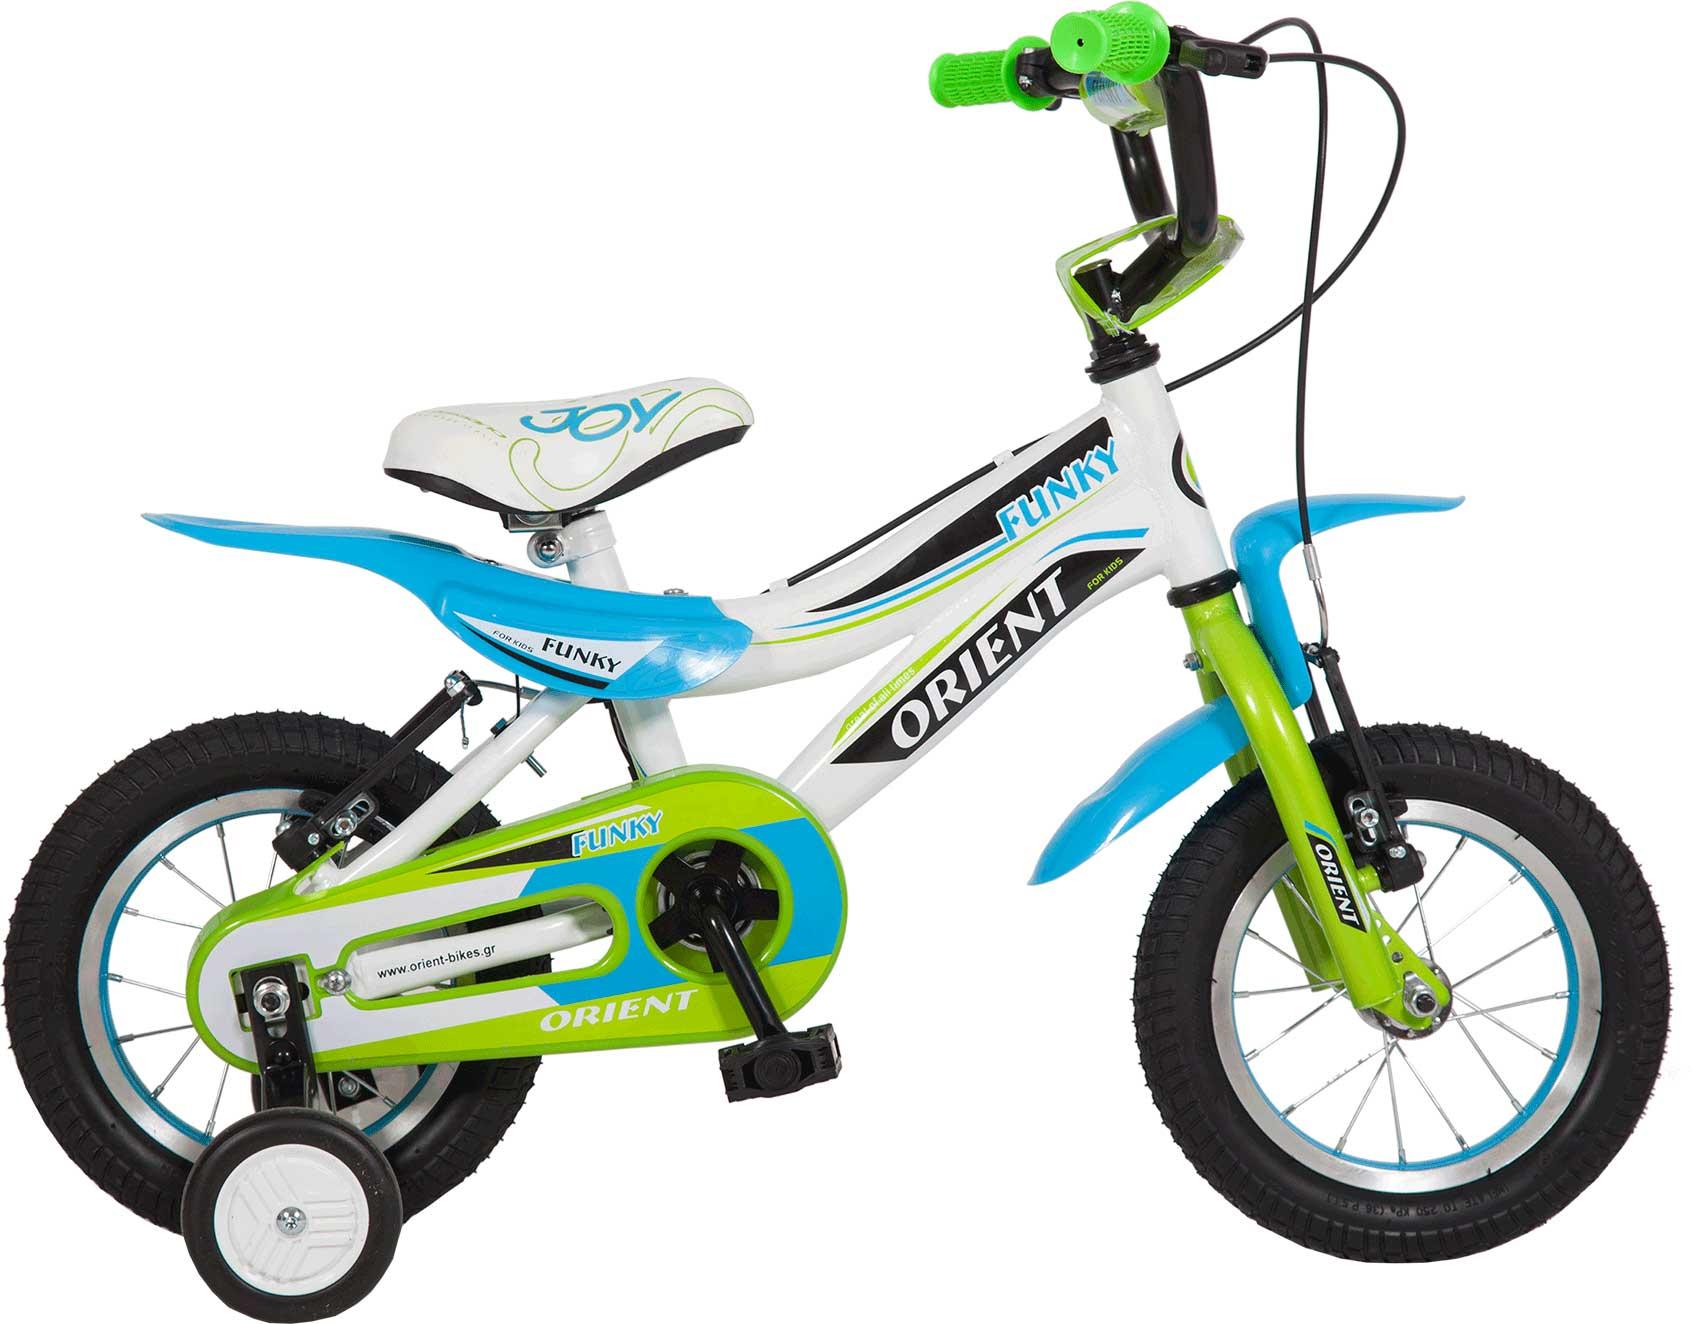 FUNKY 14″ bike image